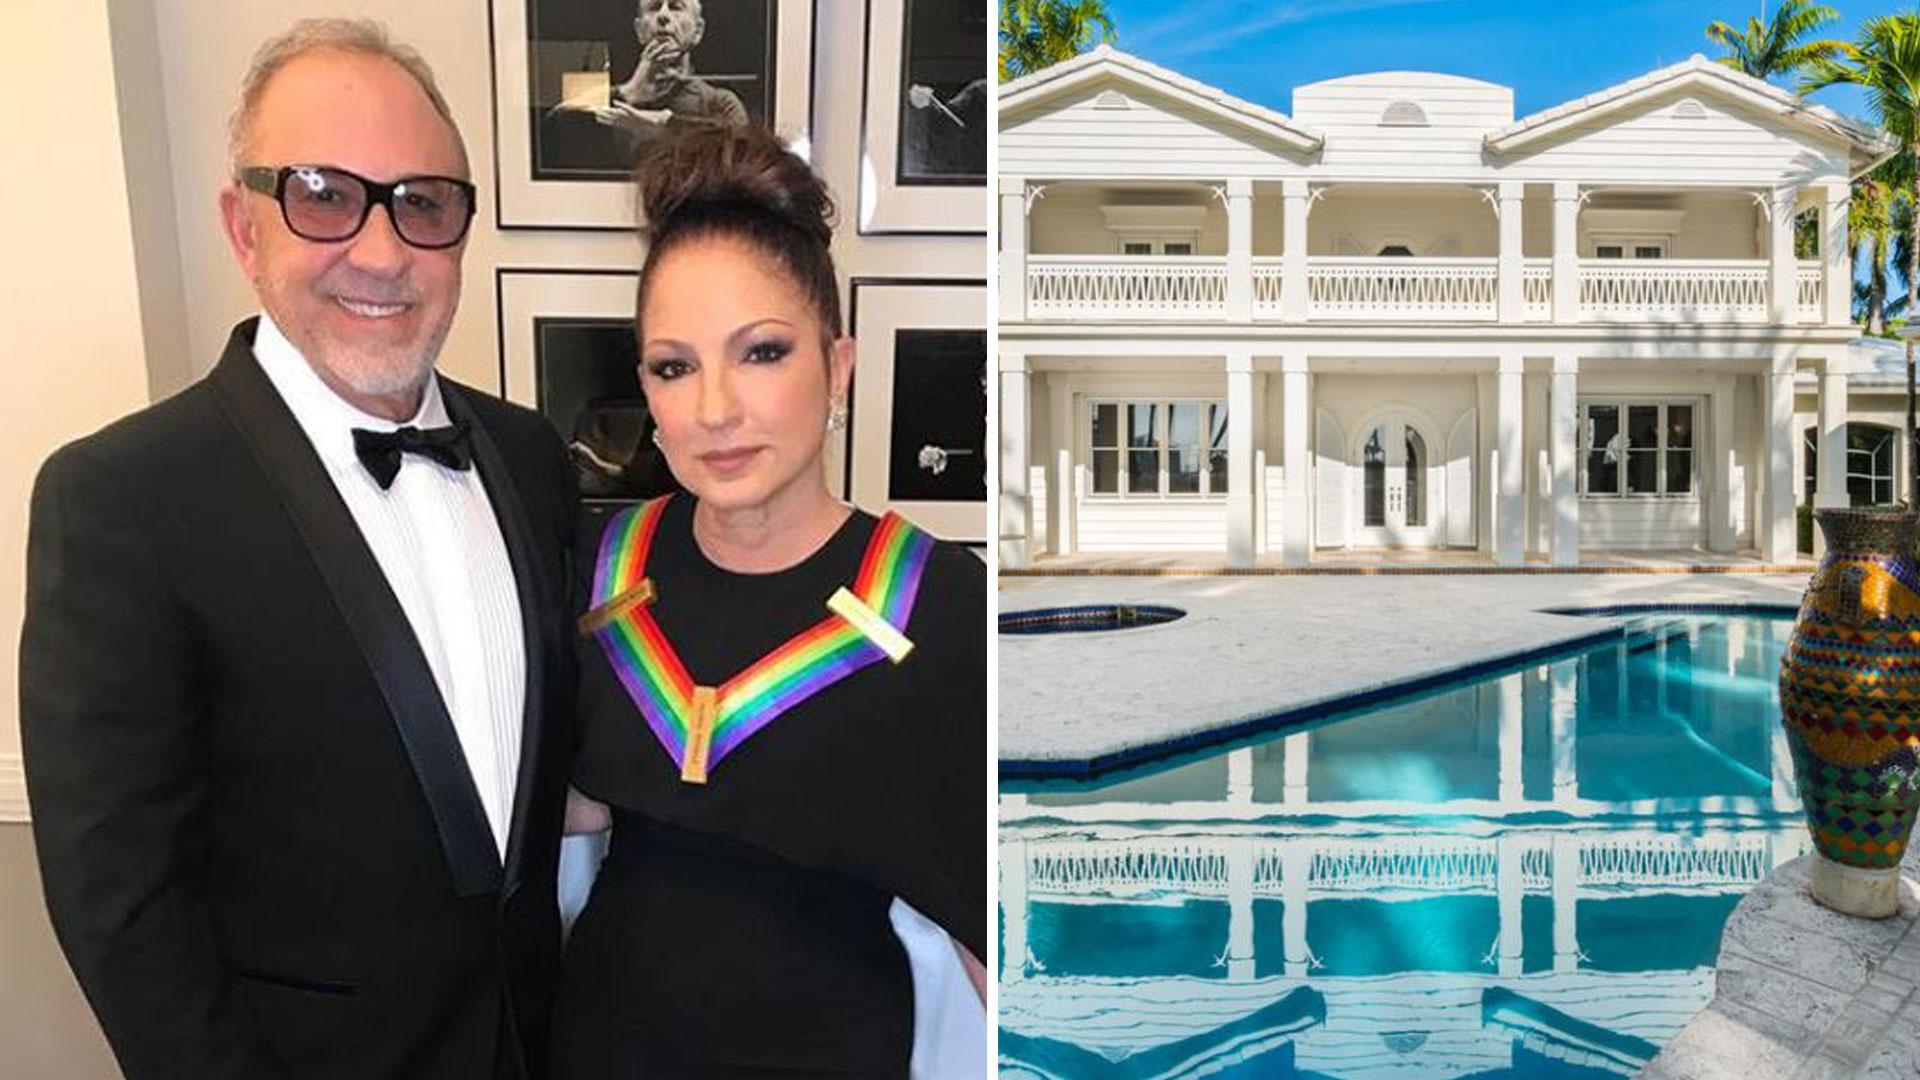 Gloria y Emilio Estefan han puesto a la venta una de sus casas en Miami (Foto: LIFESTYLE PRODUCTION GROUP)